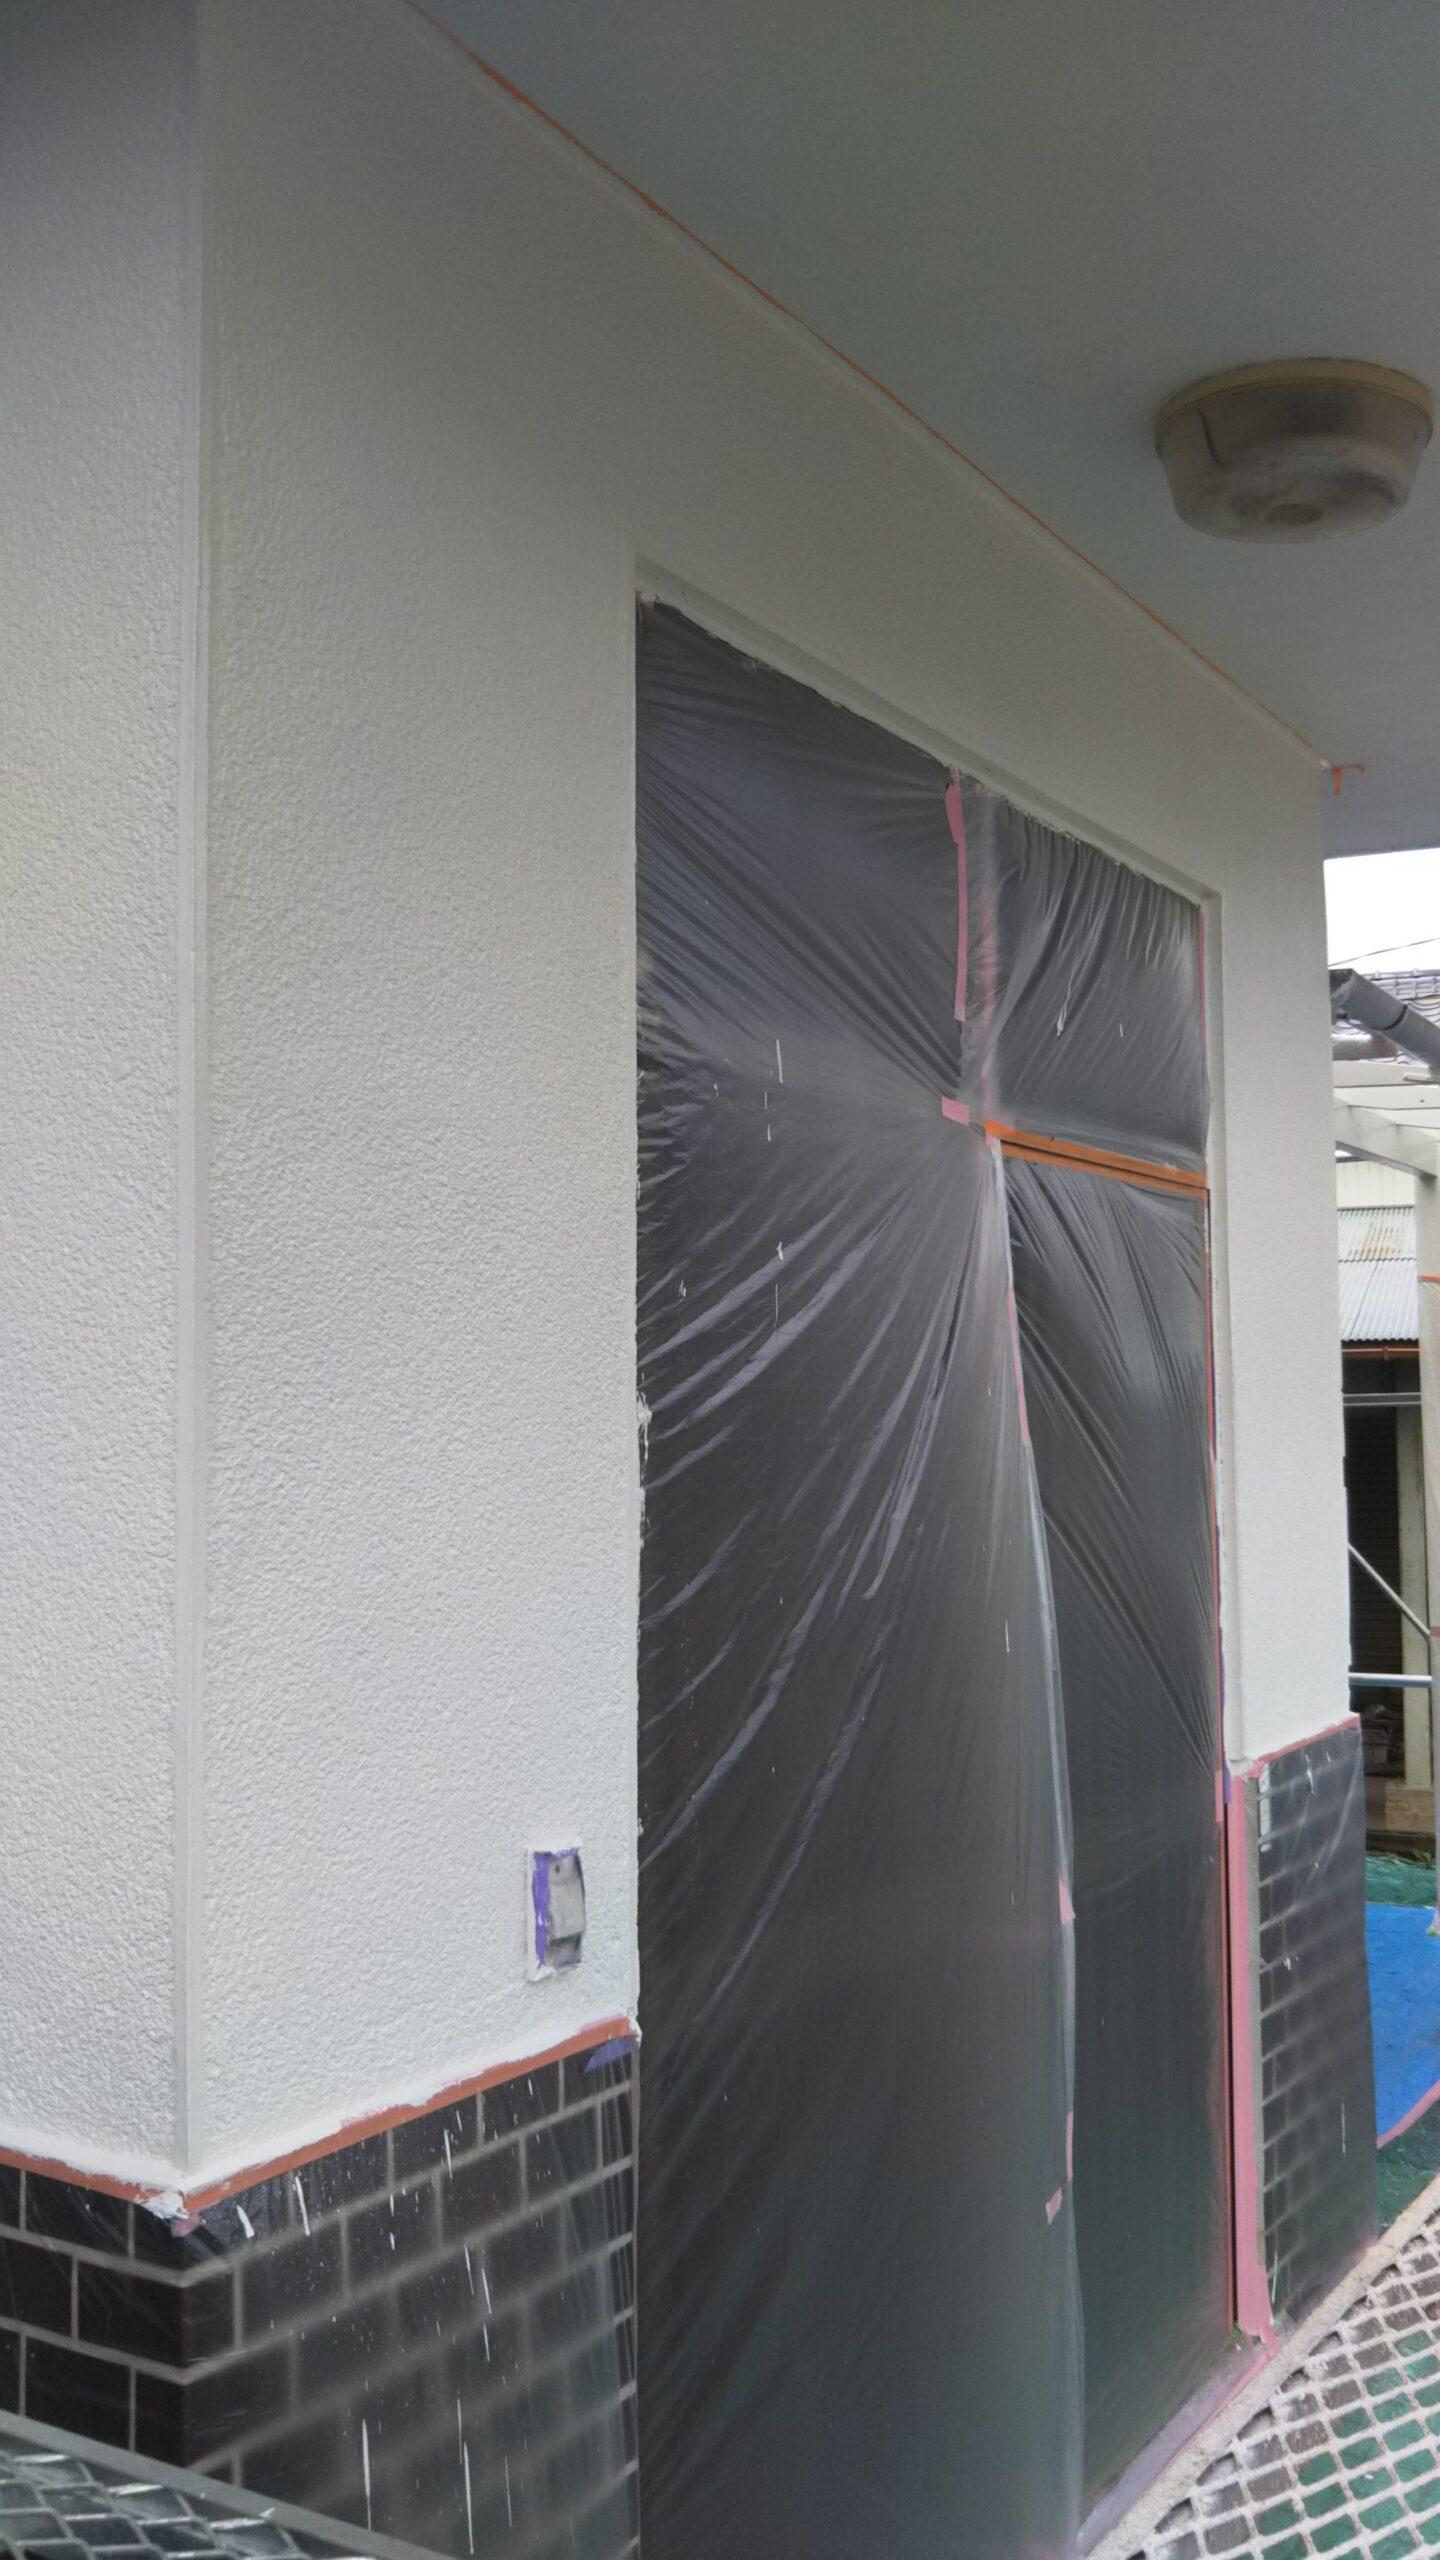 埼玉県さいたま市 外壁及び木部、鉄部の仕上げ塗装 埼玉県さいたま市緑区のM邸にて外壁の塗り替えリフォーム